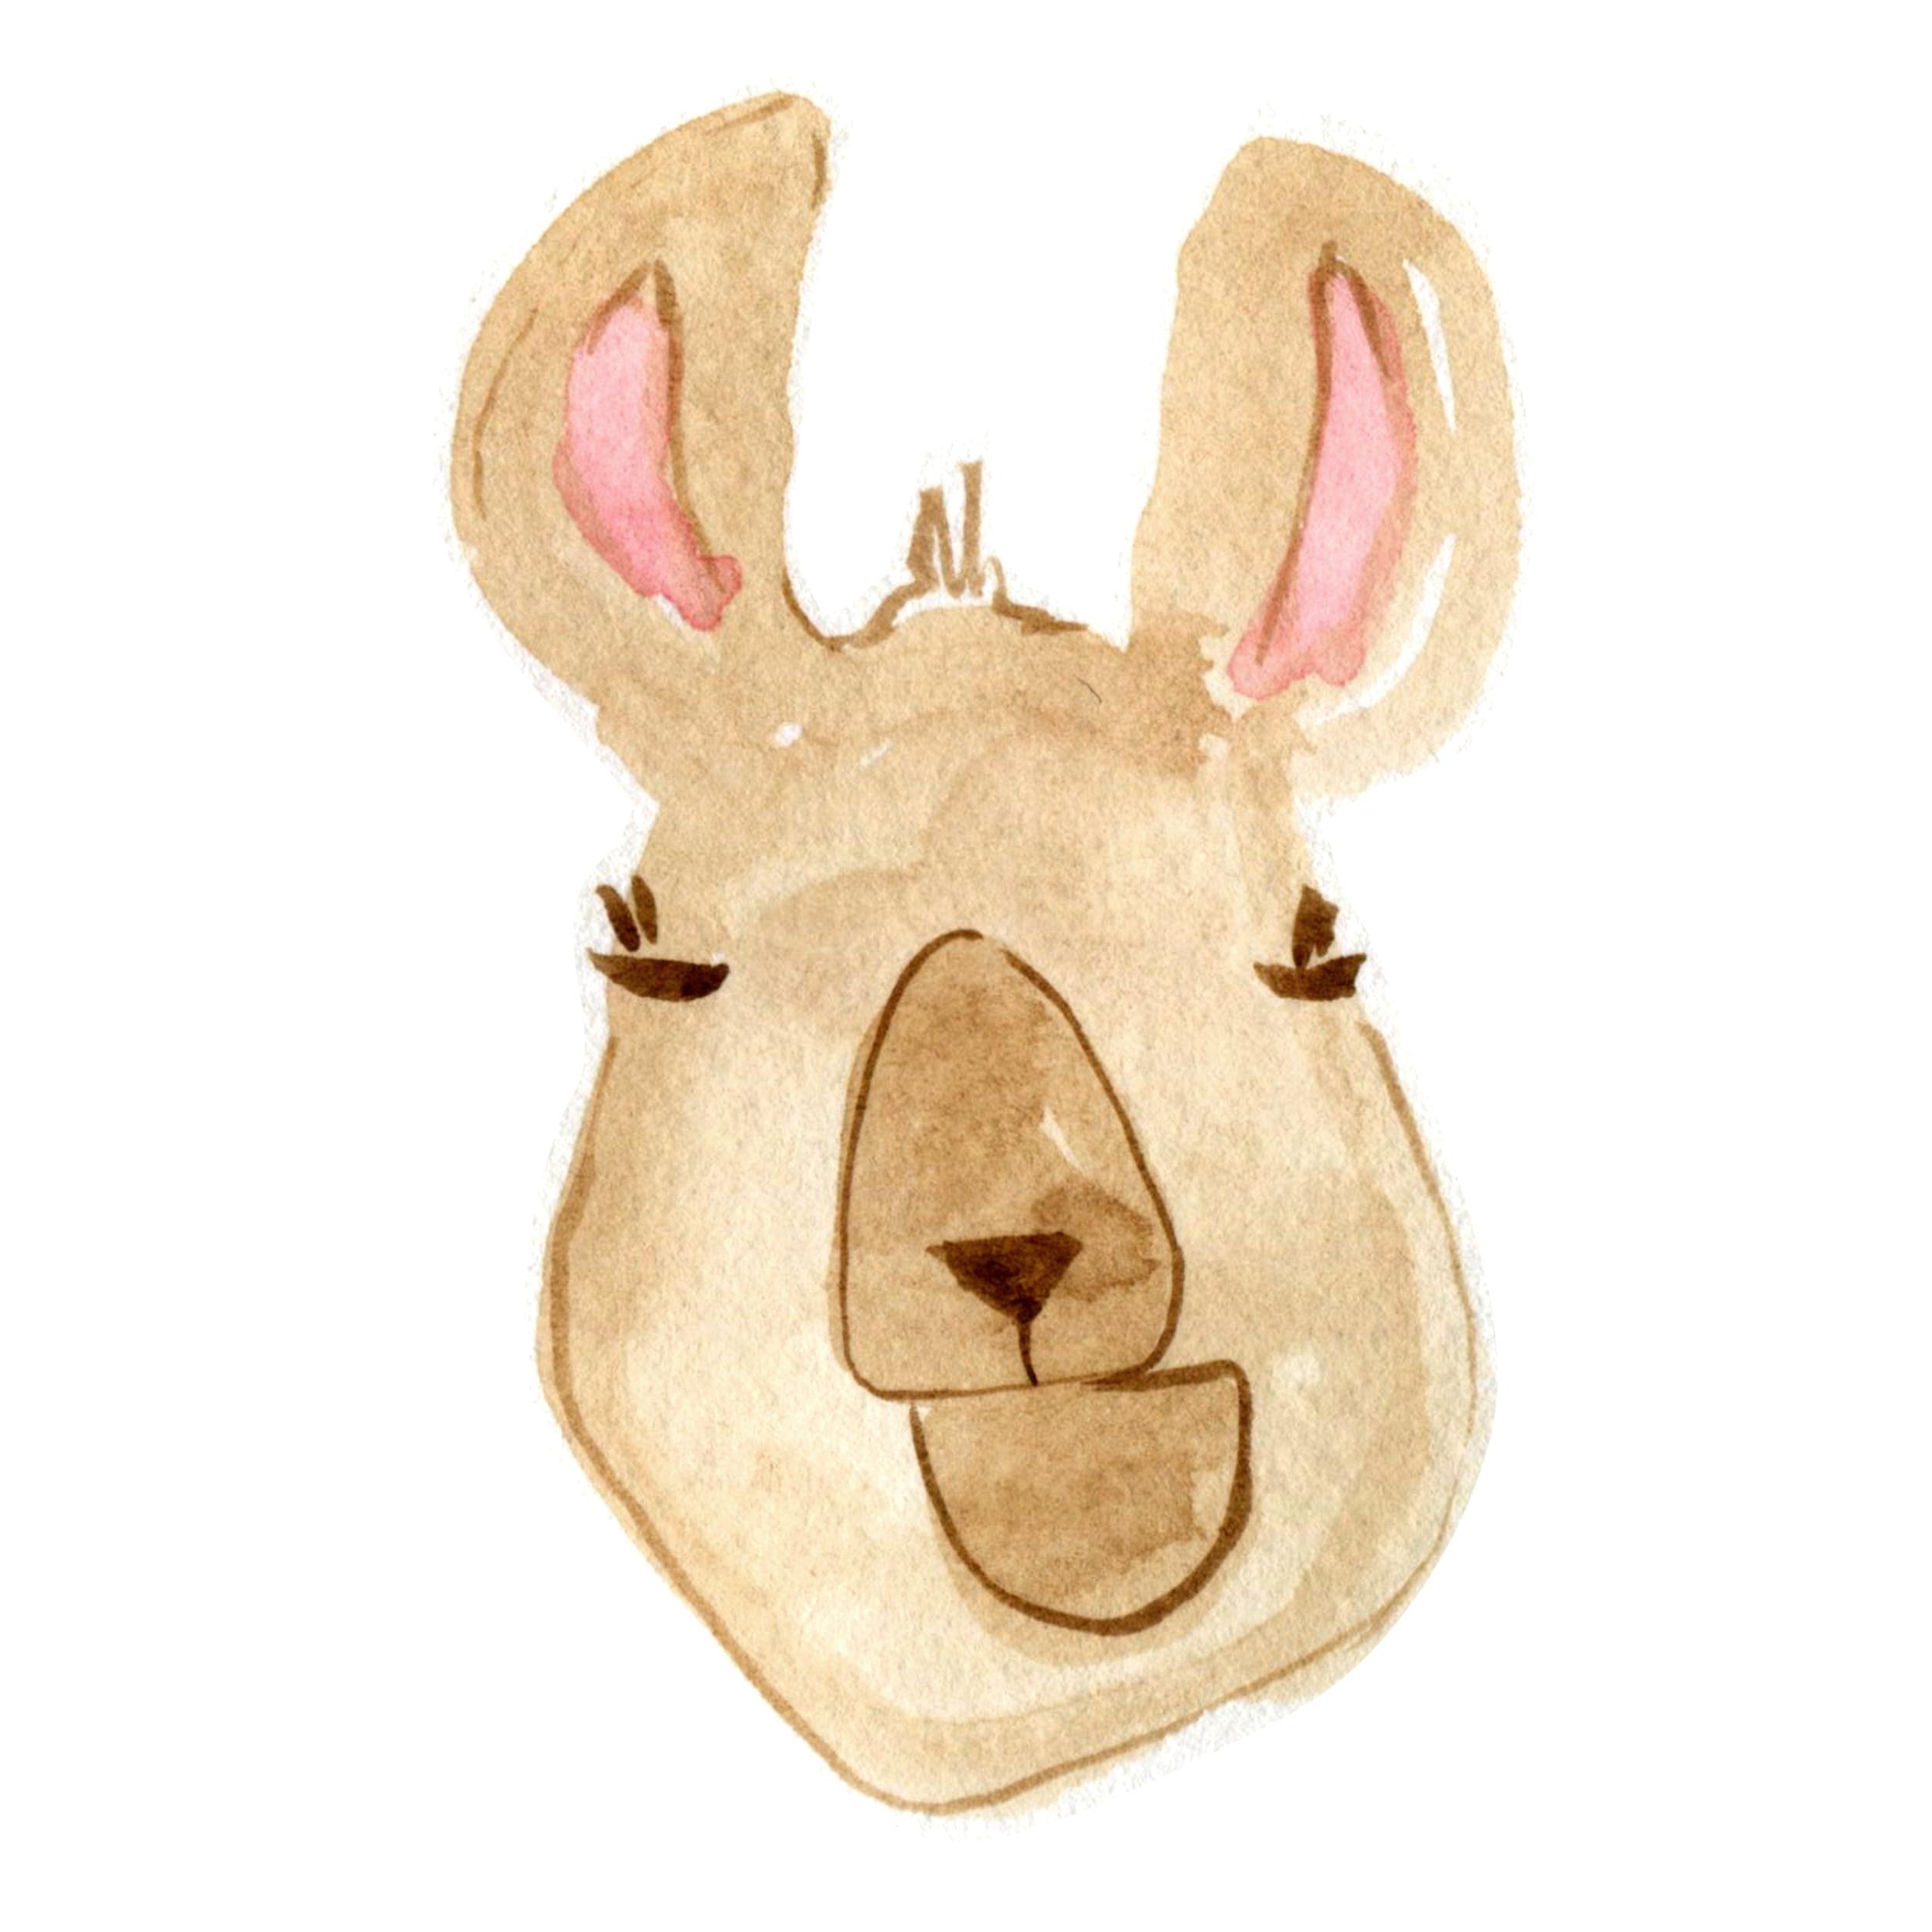 Llama dude.